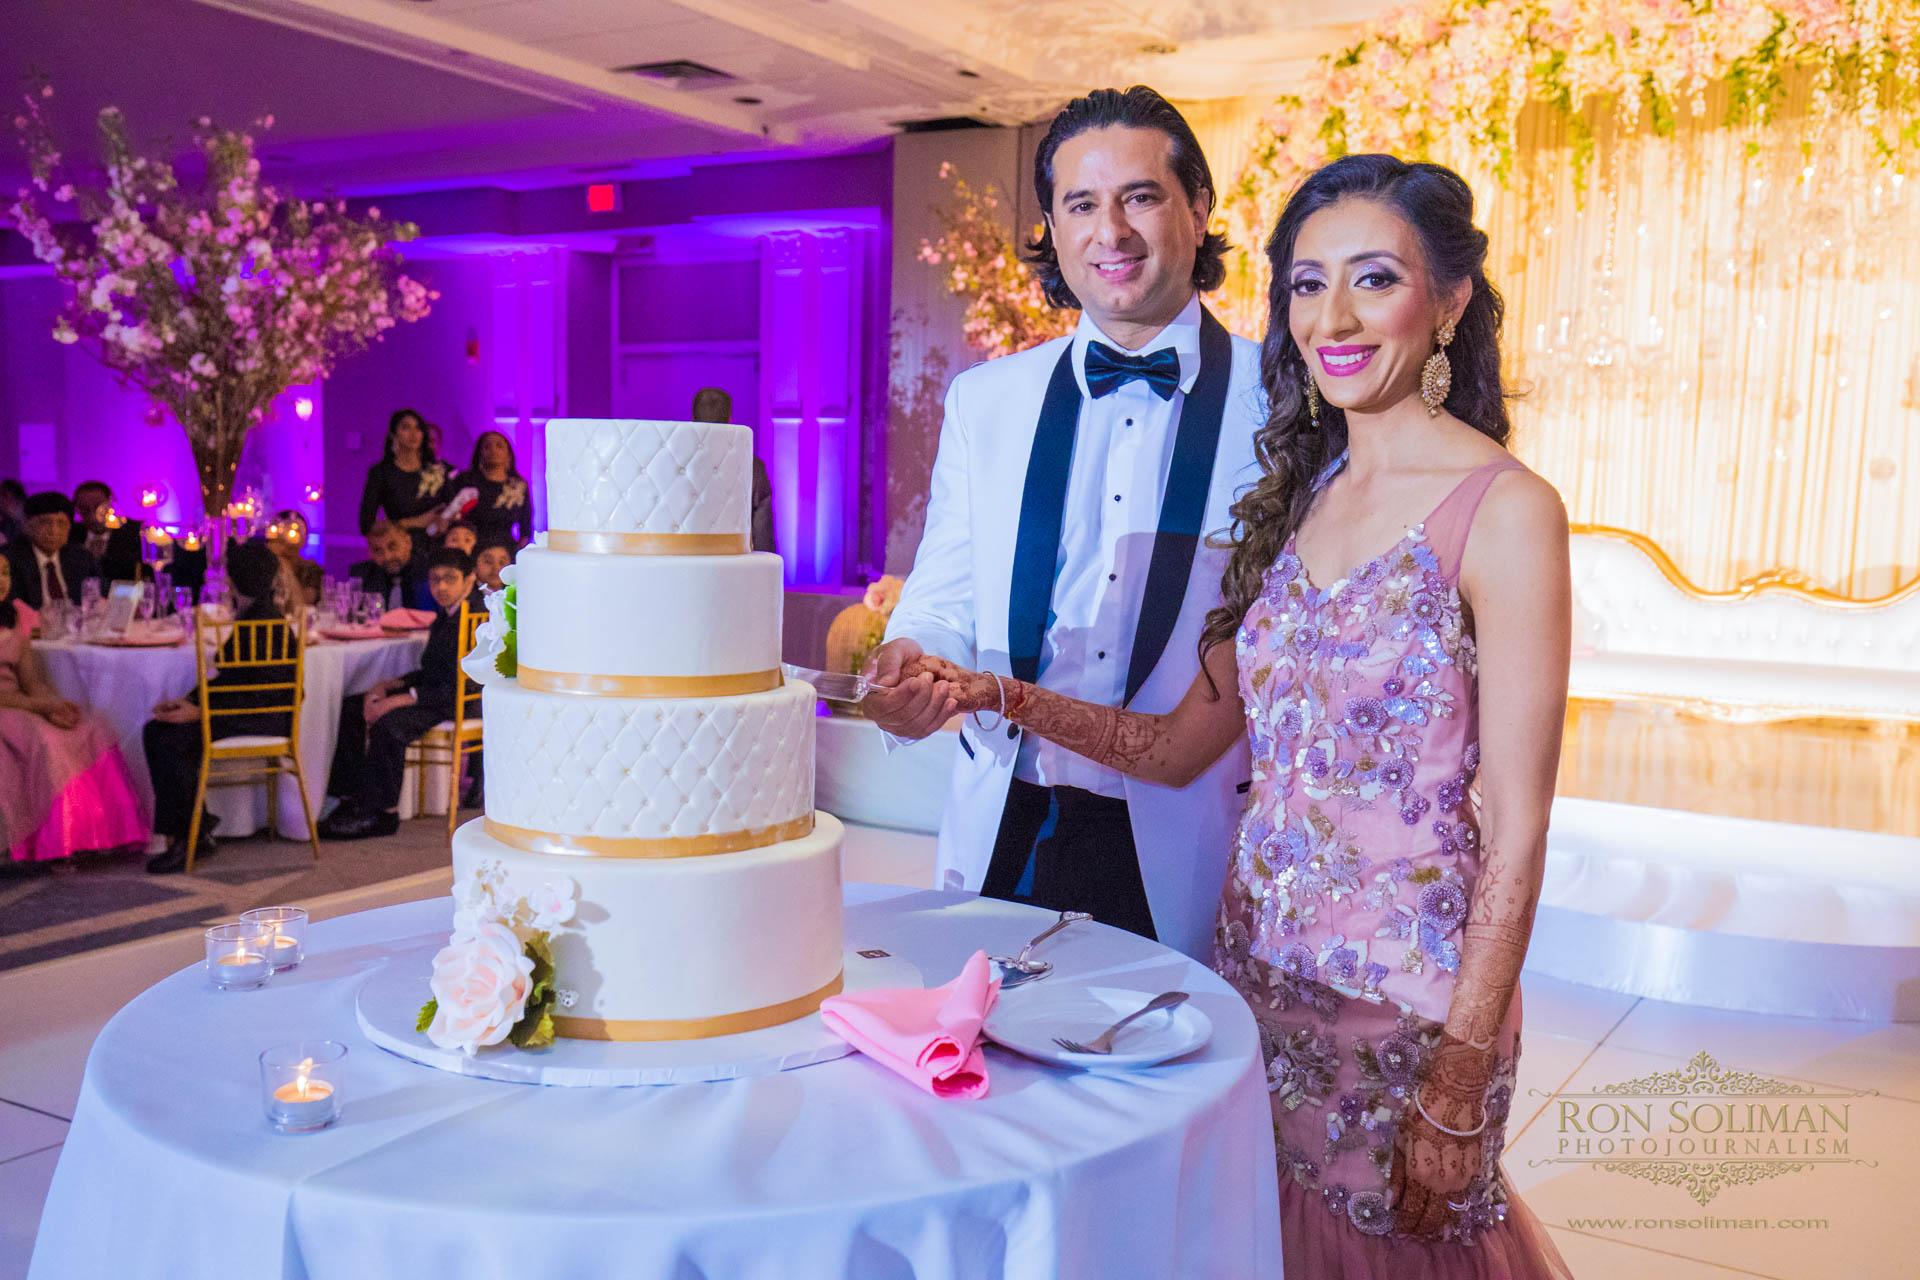 SHERATON MAHWAH INDIAN WEDDING 21